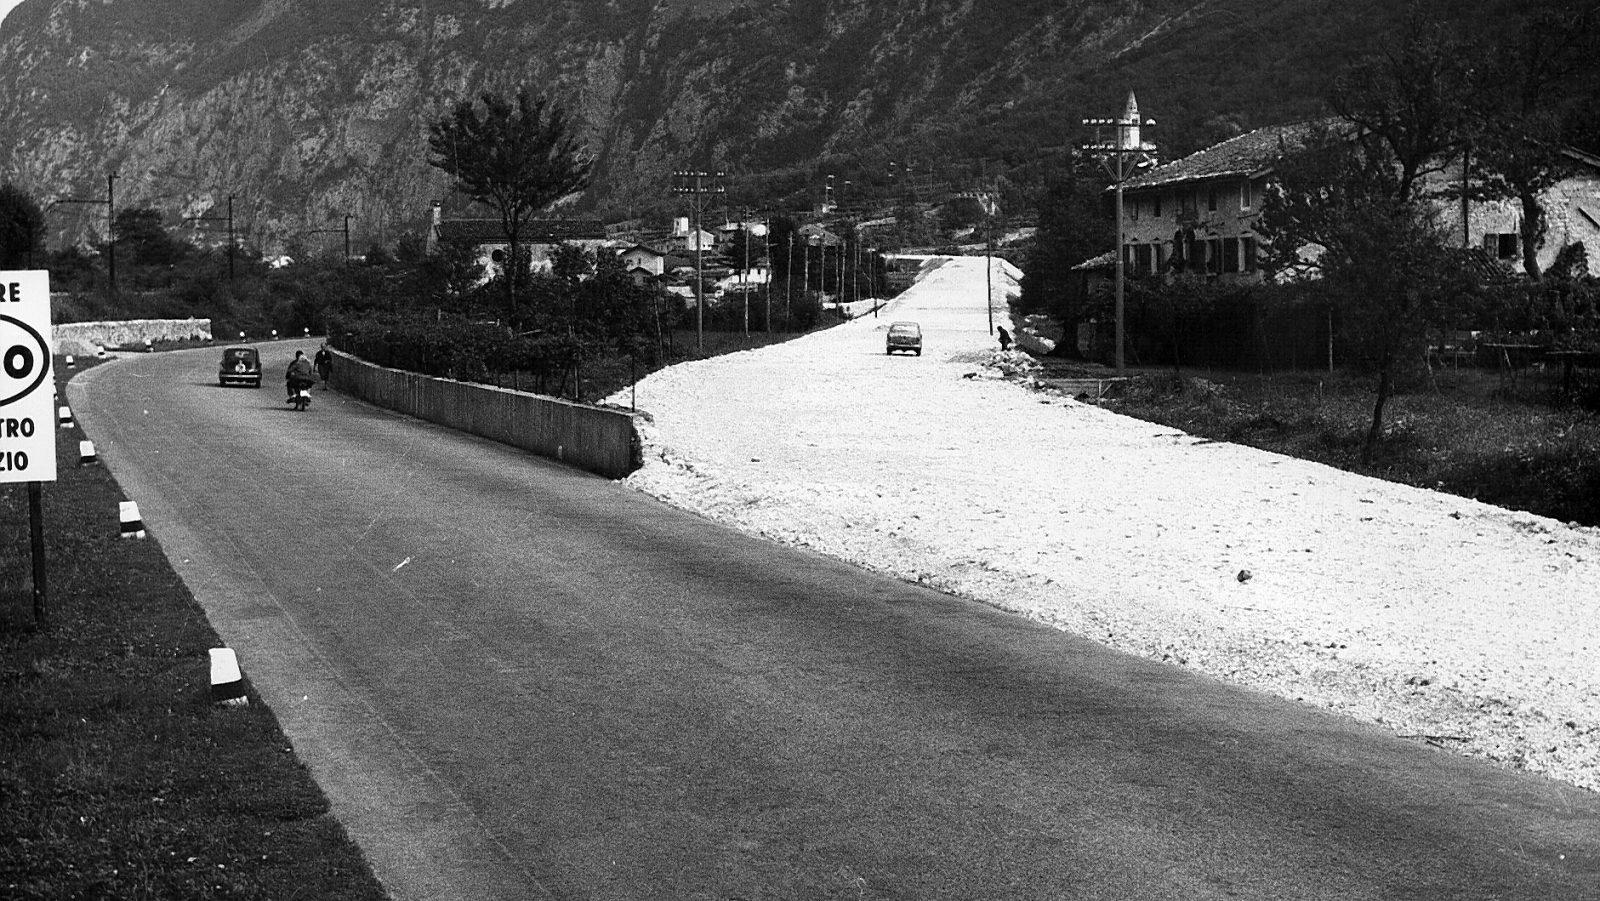 """Veneto, strada statale 13 """"Pontebbana"""", realizzazione variante nel comune di Portis, 1959  (Archivio storico Anas)"""